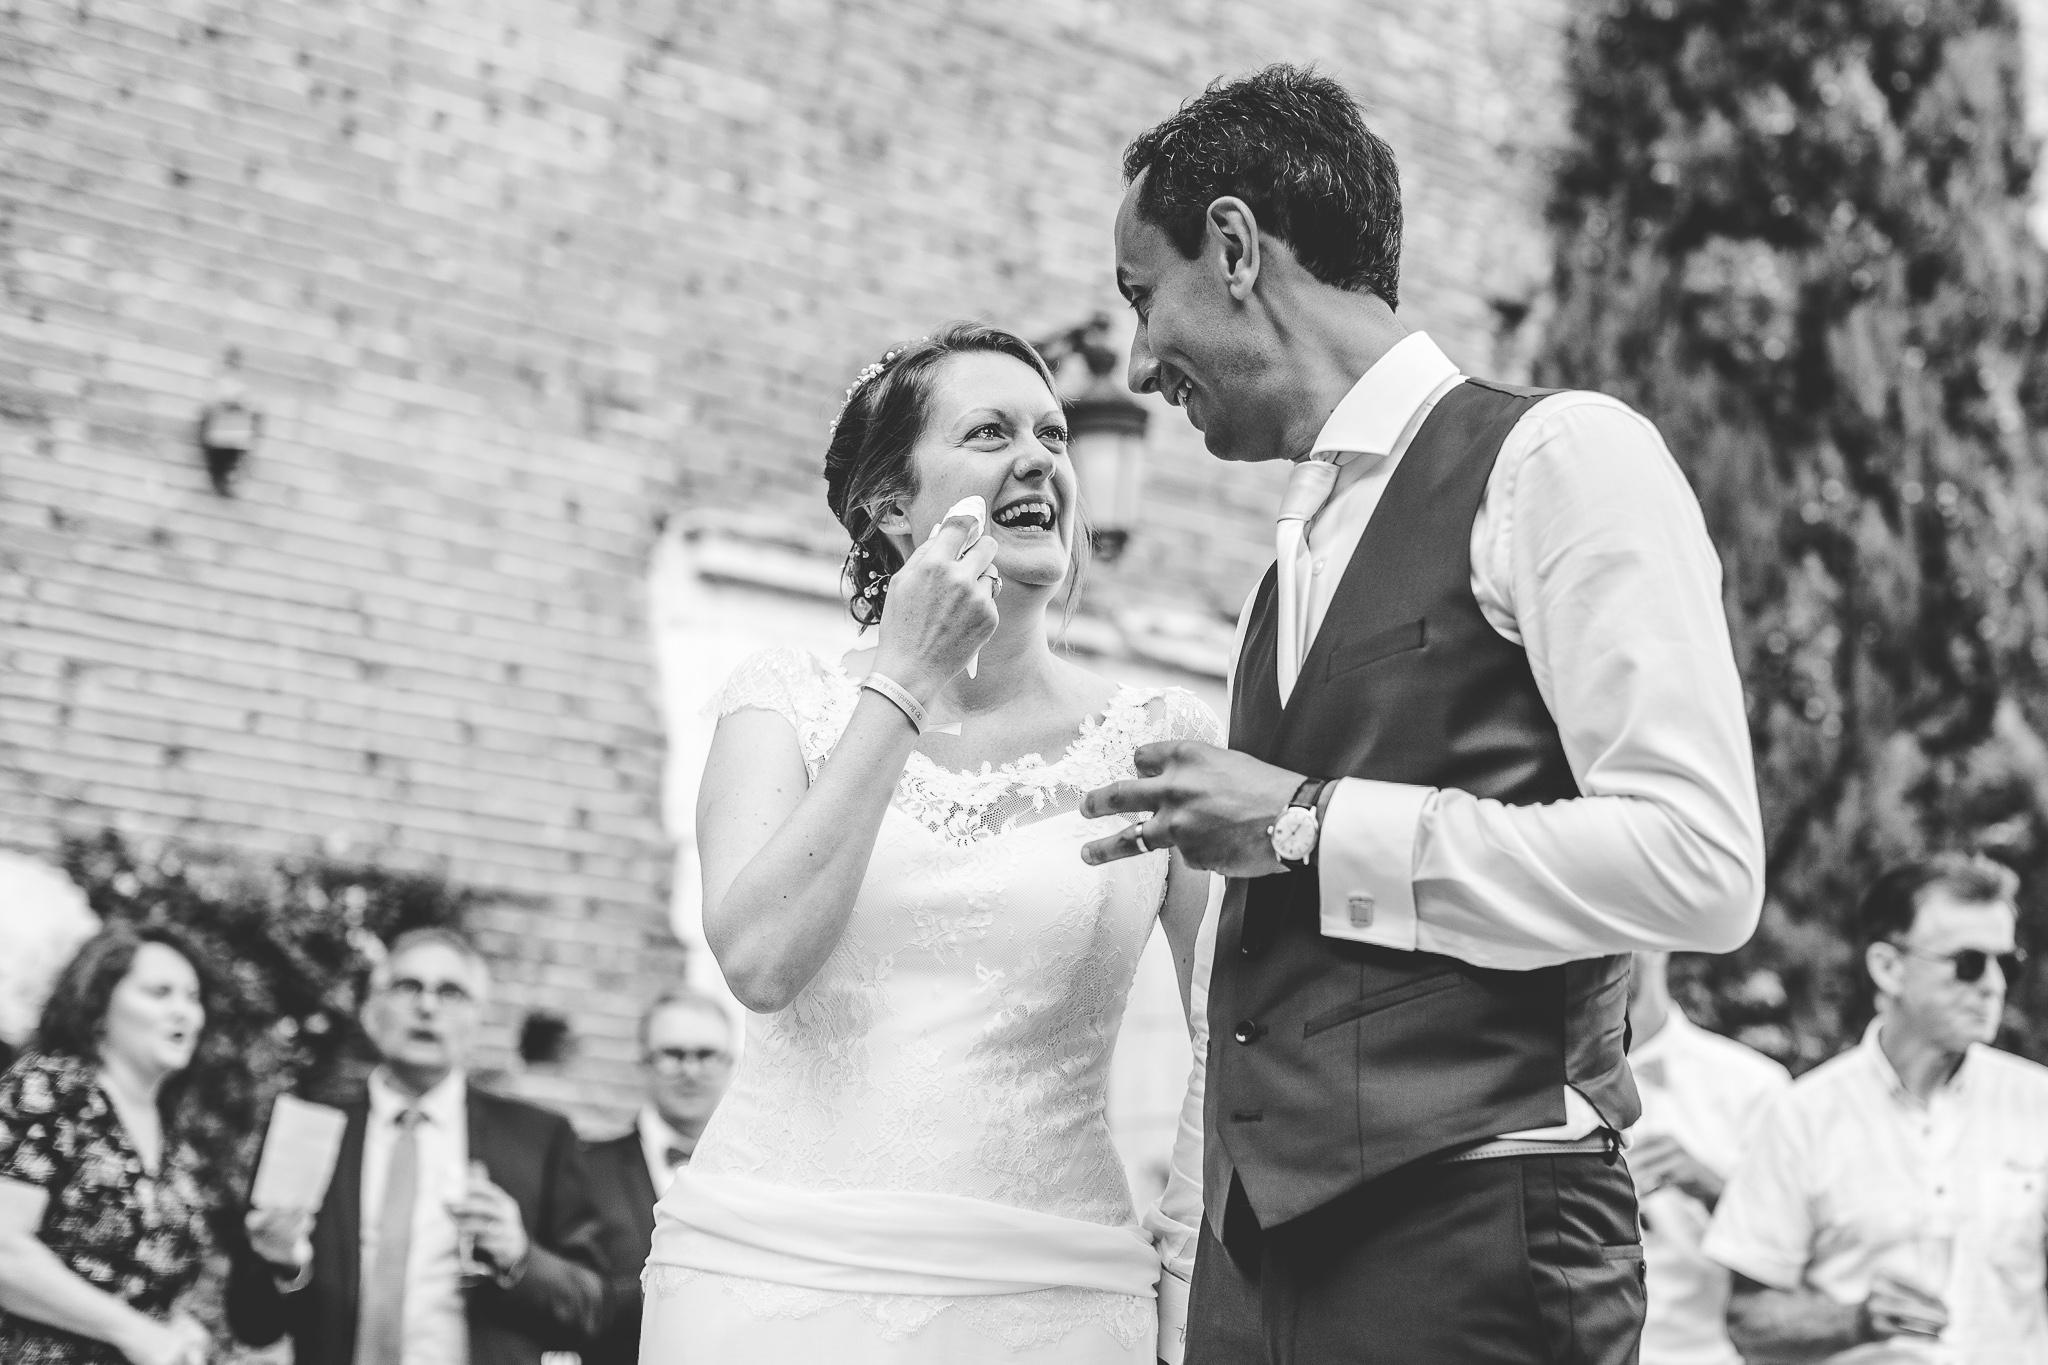 reportage mariage photo emotions maries pleurs surprise temoins chateau launac toulouse